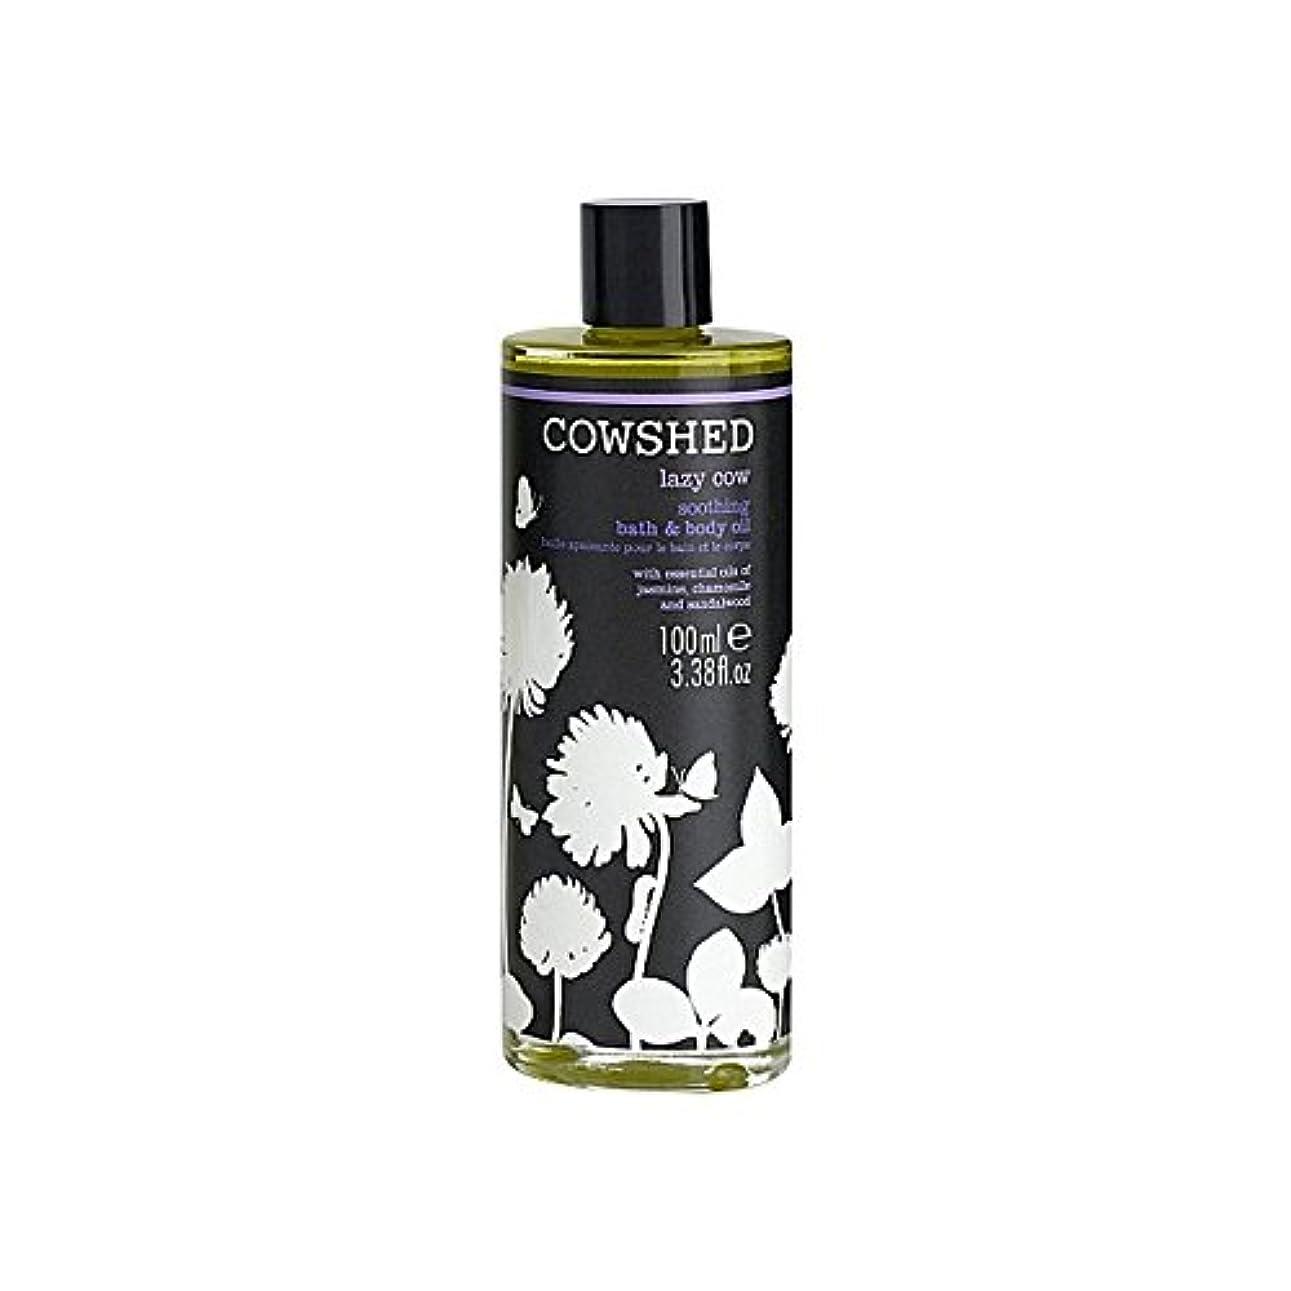 意気揚々予測エンドウCowshed Lazy Cow Soothing Bath & Body Oil 100ml (Pack of 6) - バス&ボディオイル100ミリリットルをなだめる牛舎怠惰な牛 x6 [並行輸入品]